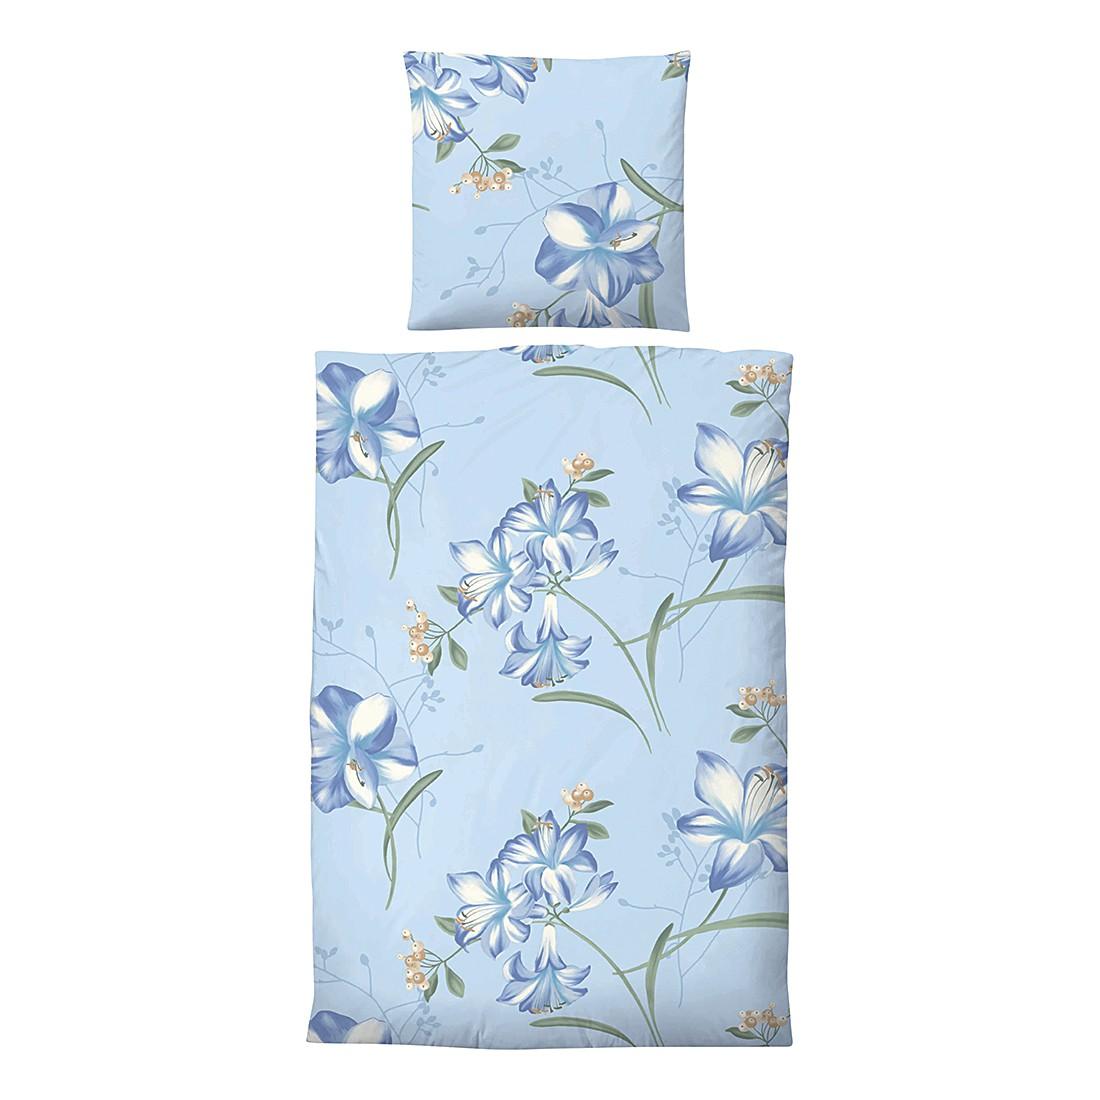 Edelflanell-Bettwäsche Corinna – Blau – 155 x 220 cm + Kissen 80 x 80 cm, Biberna günstig